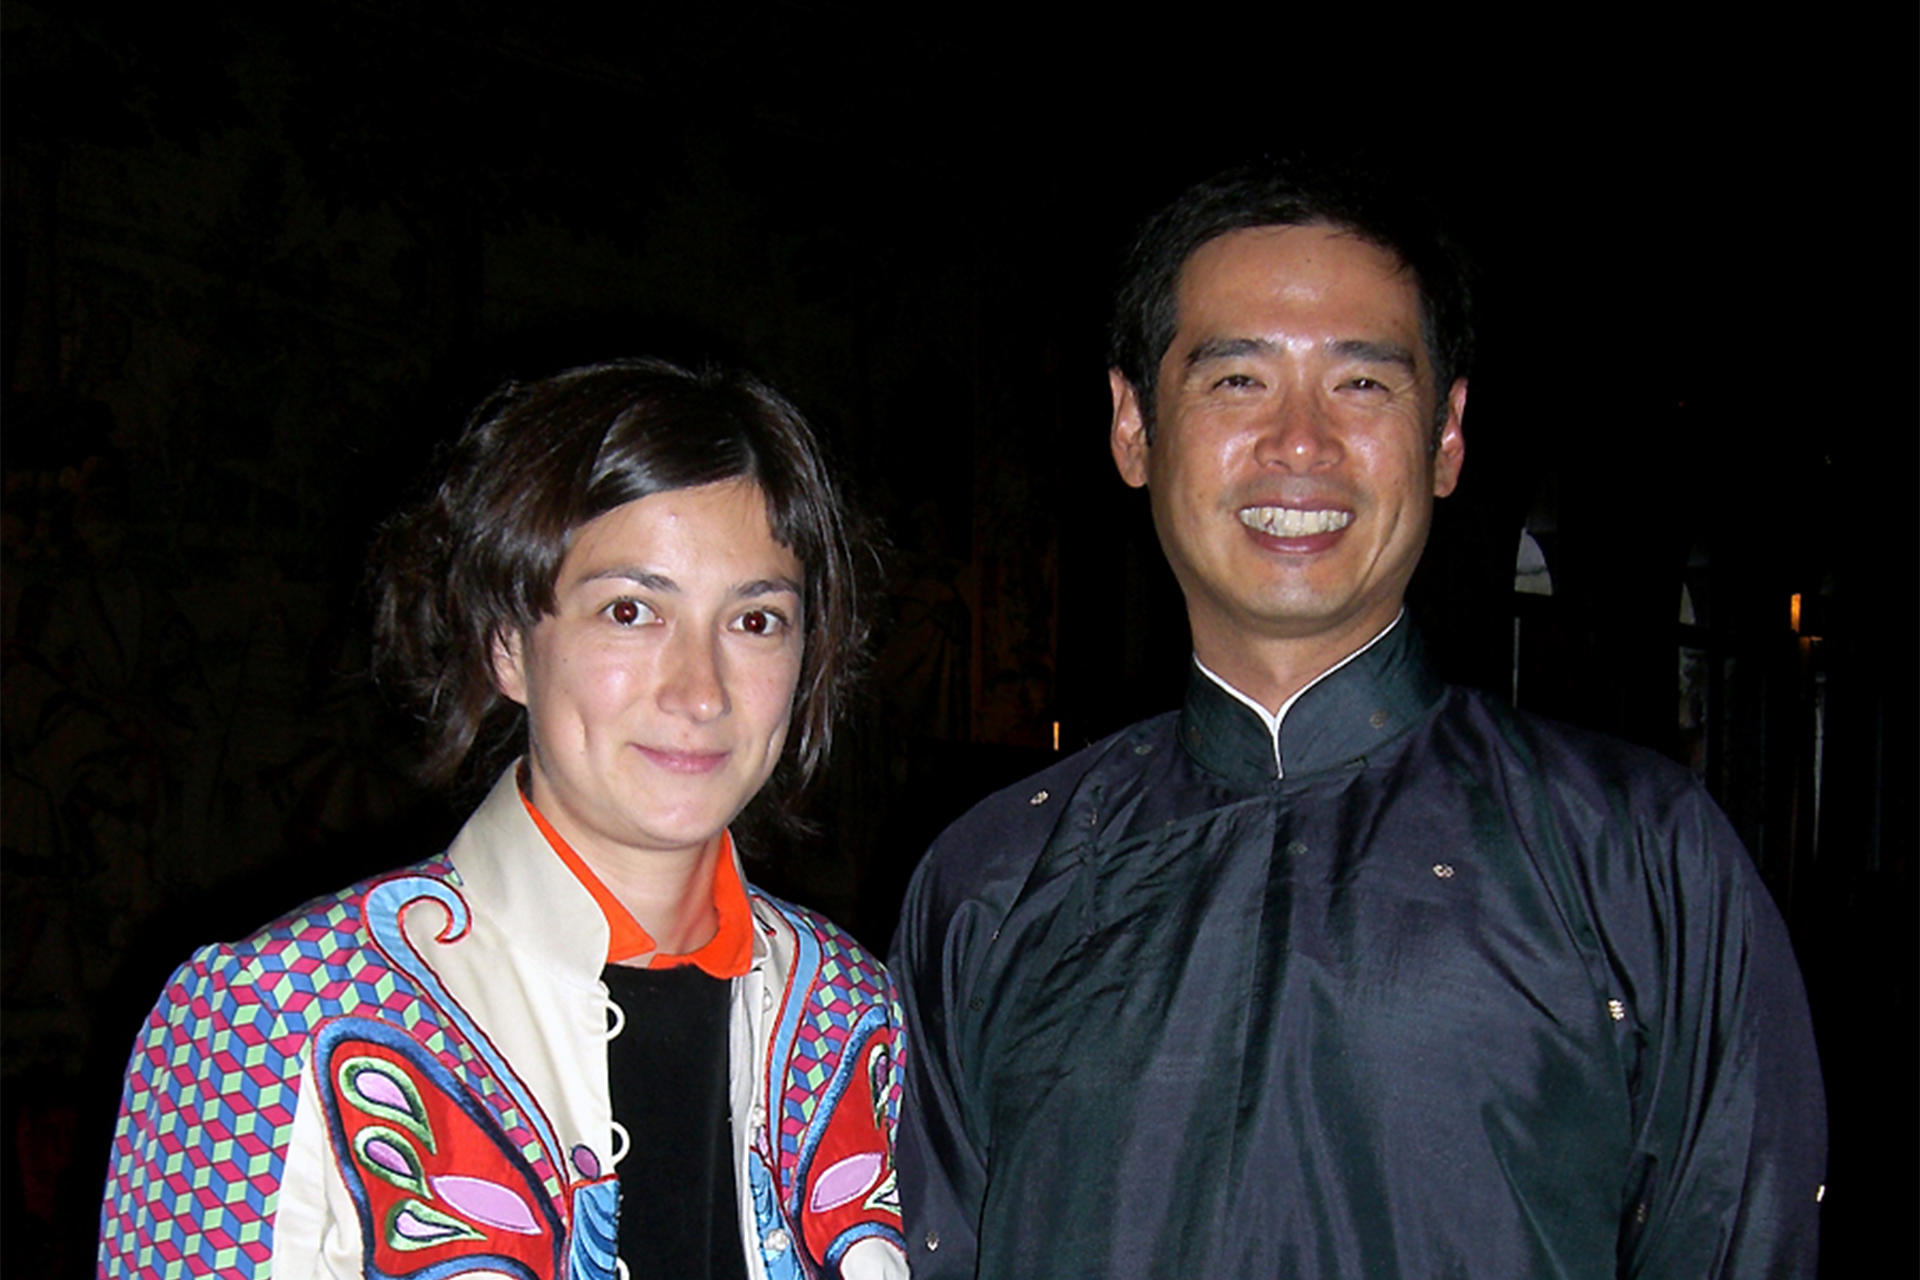 2008 AIR Su-Mei Tse and 1999 AIR Lee Mingwei, 2008. Photo: TSY